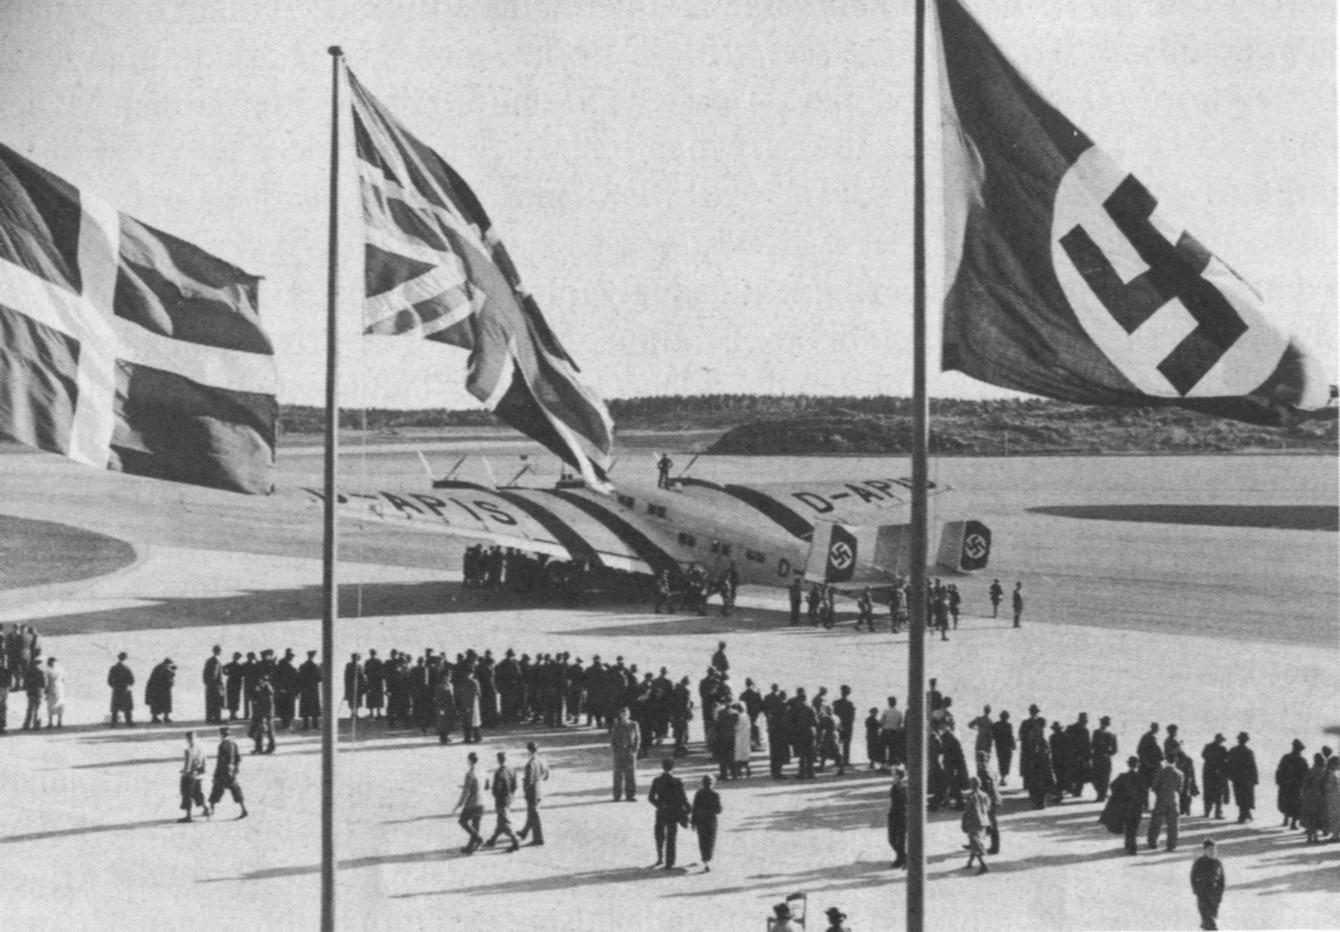 【旭日旗問題】 外国人に「日帝戦犯旗」を「一発で」説明する一枚の写真、韓国のネットで話題★2[05/14] [無断転載禁止]©2ch.net YouTube動画>3本 ->画像>112枚